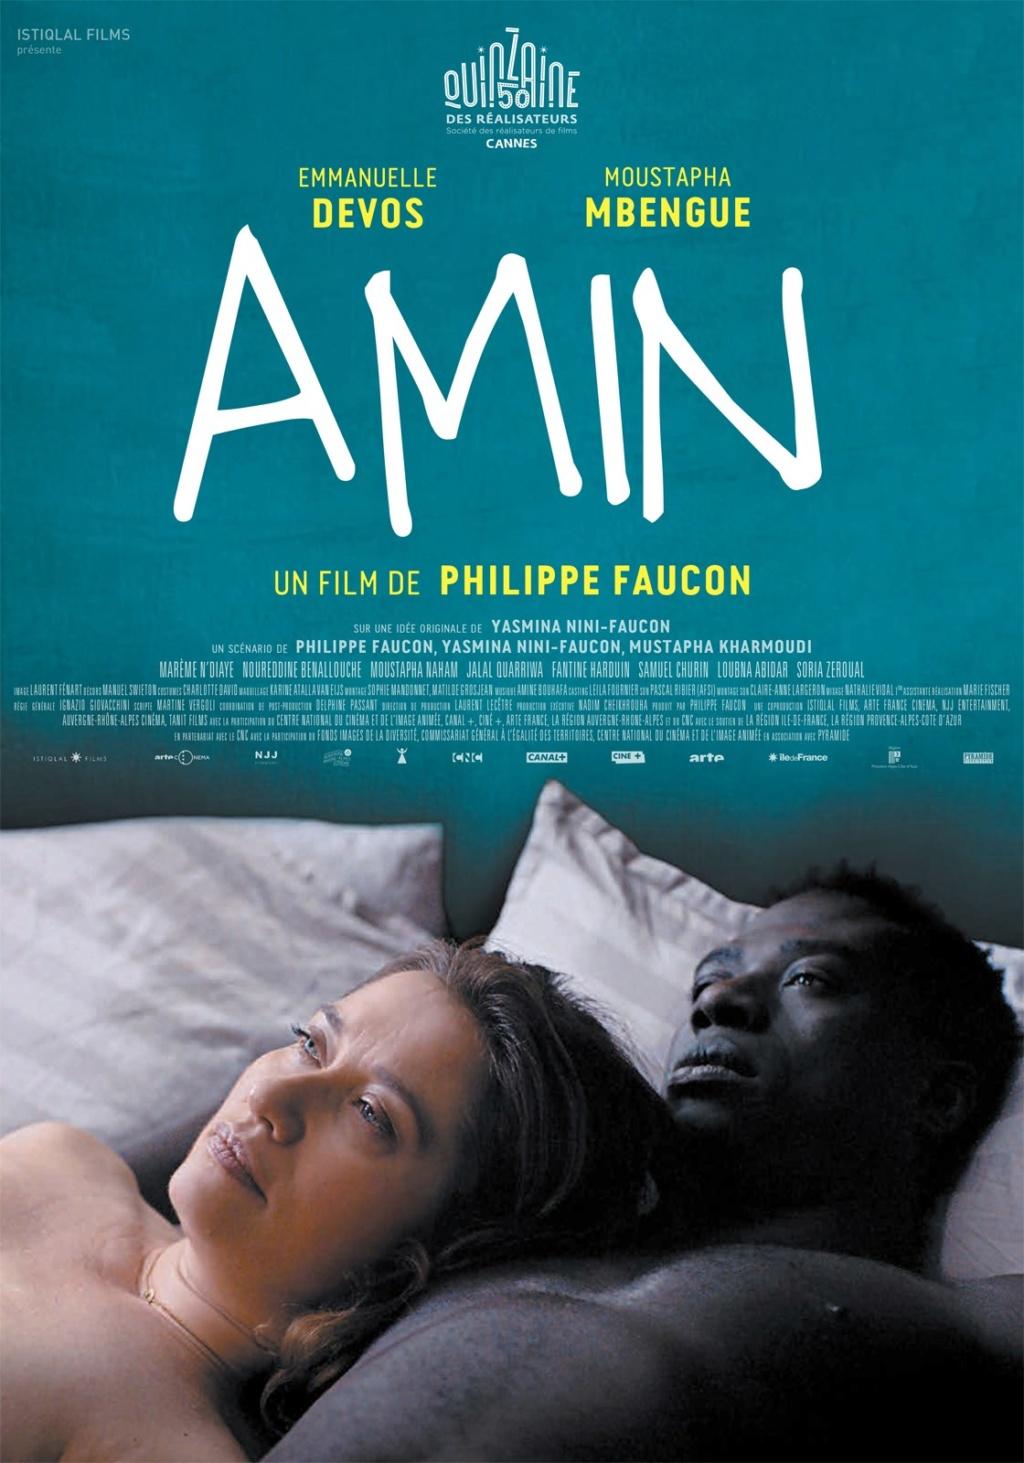 FILMIN 65834110